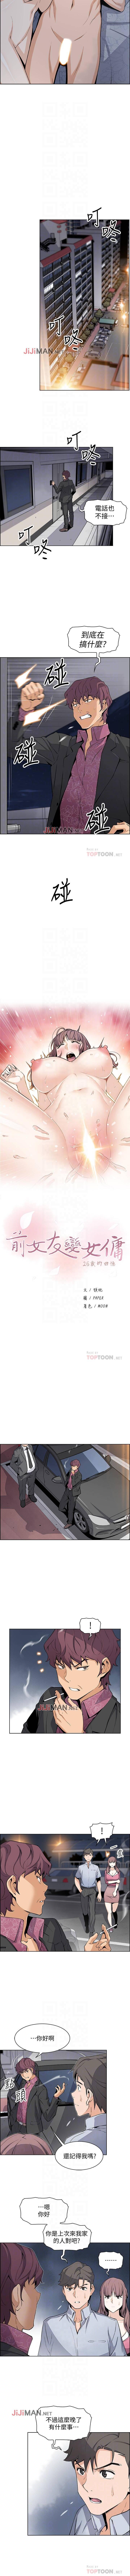 【周四连载】前女友变女佣(作者:PAPER&頸枕) 第1~33话 174